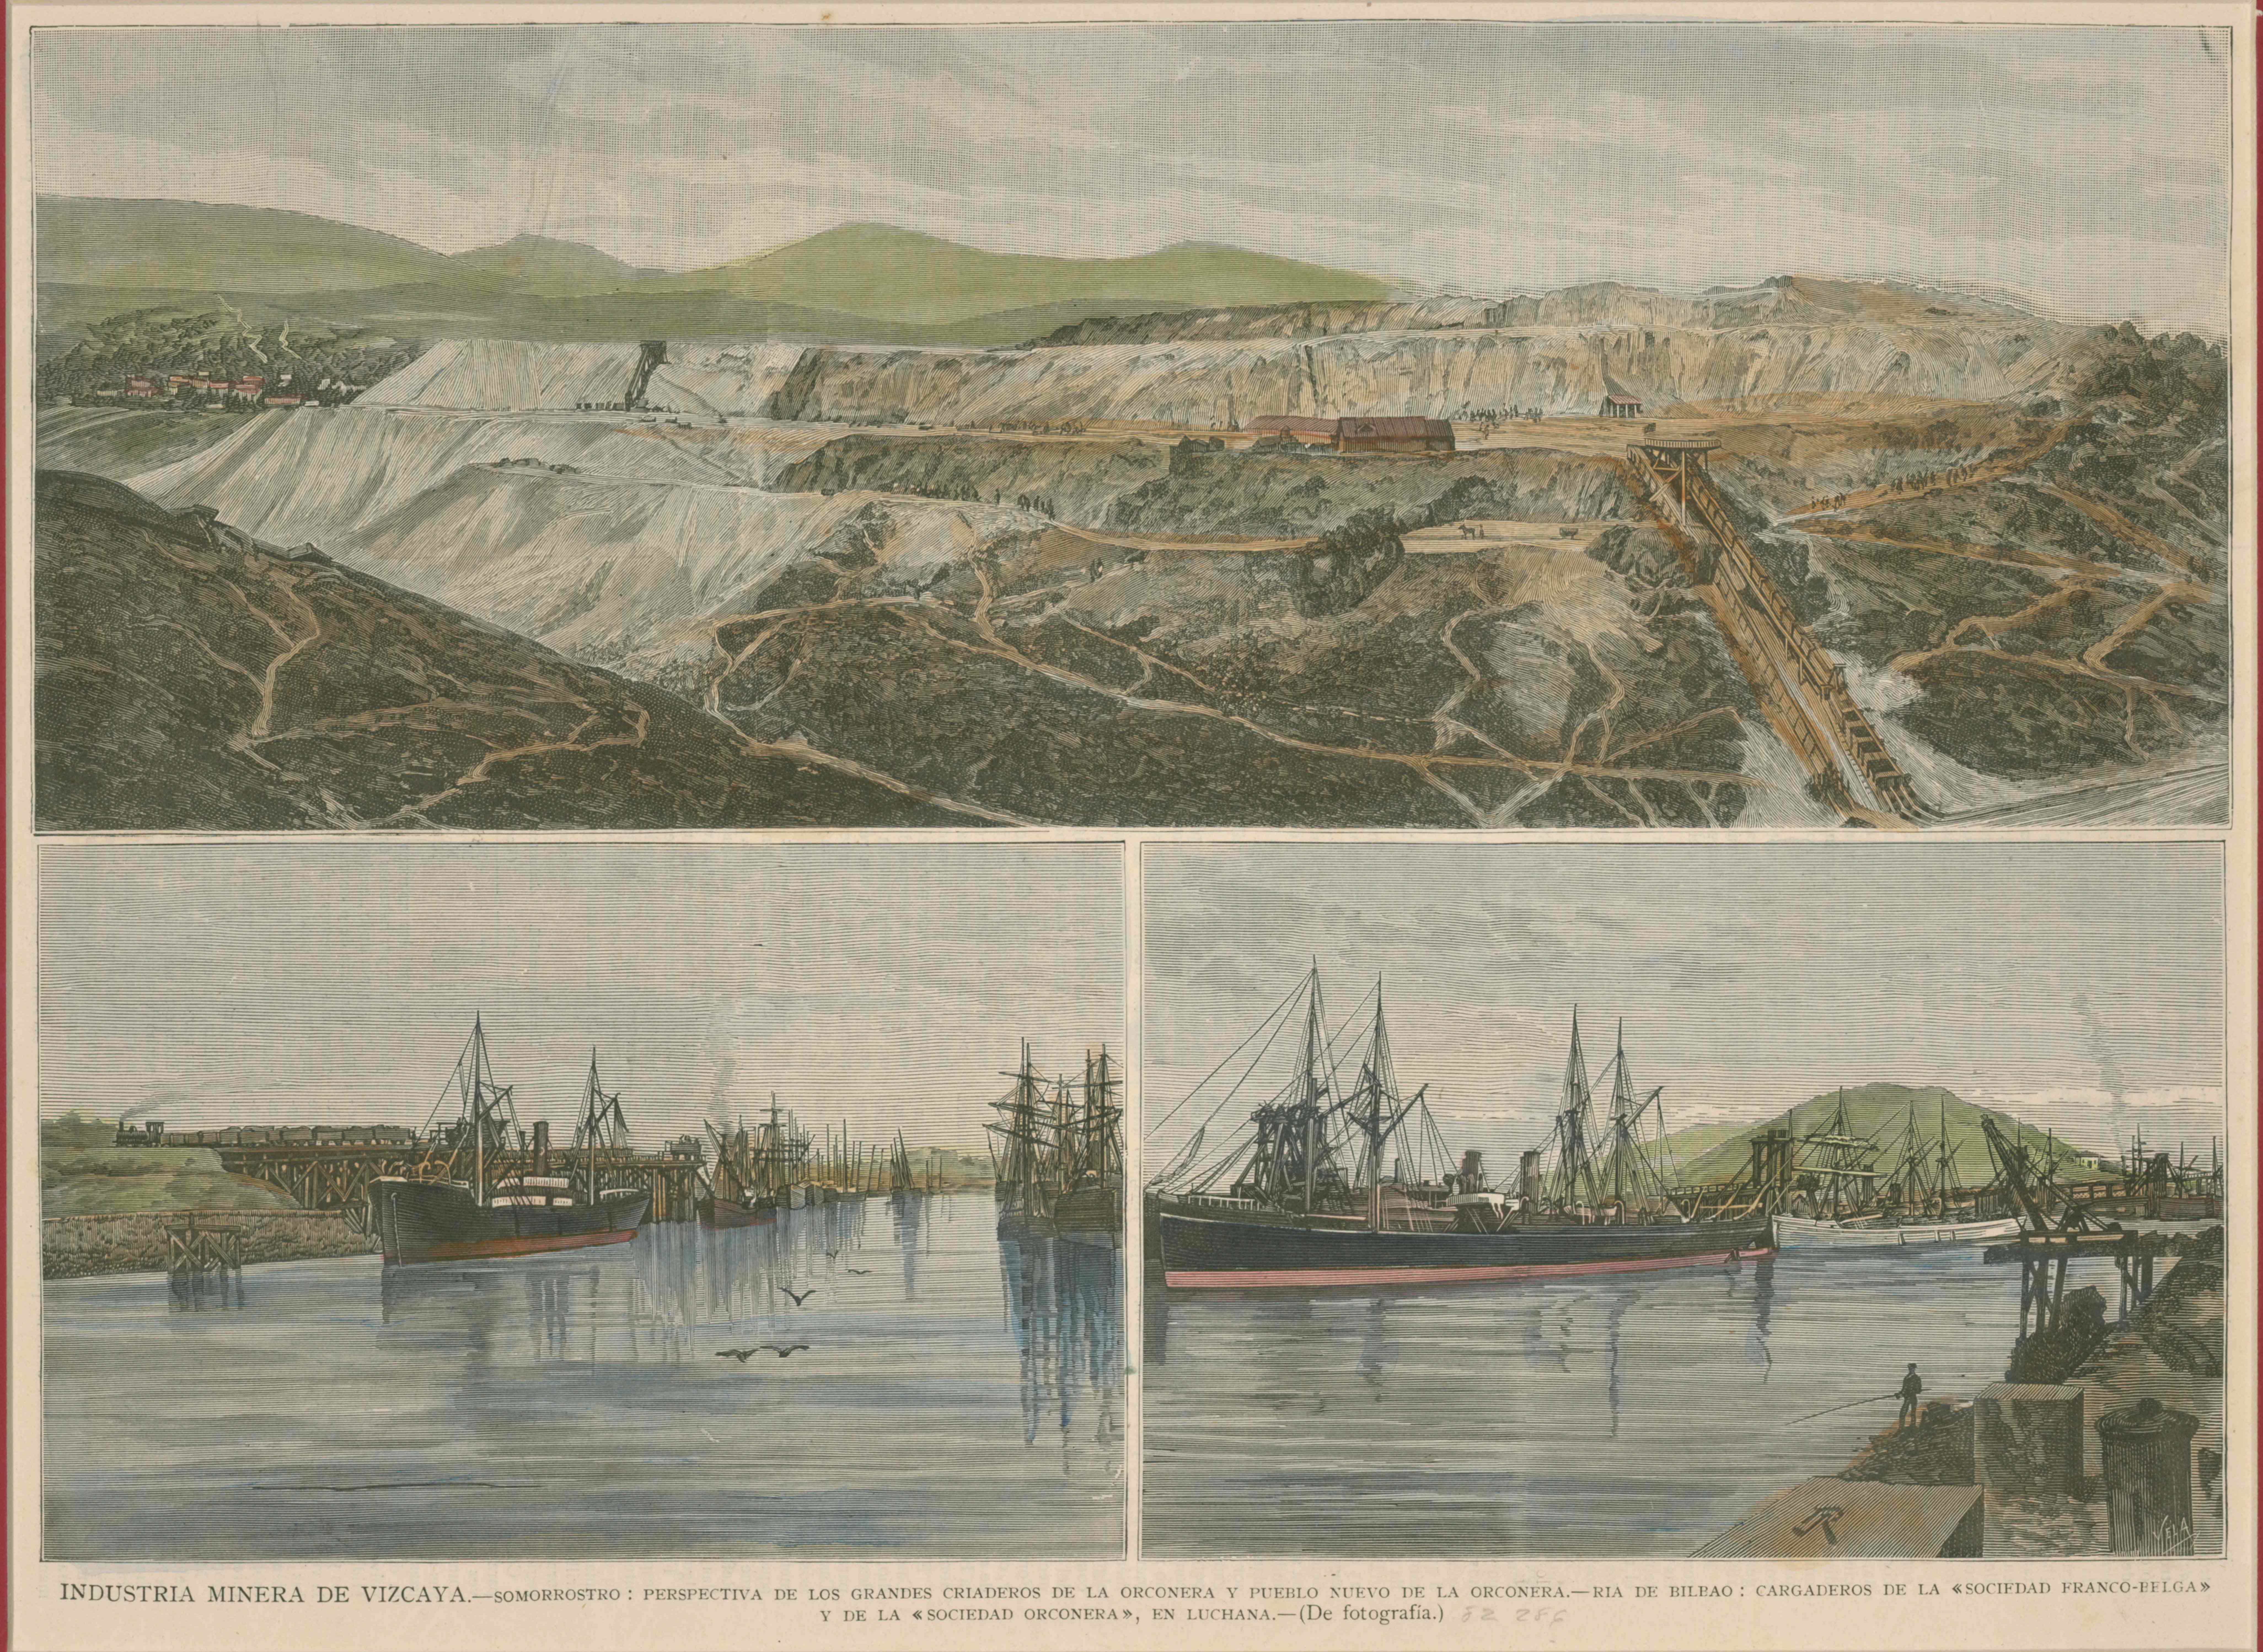 Industria Minera de Vizcaya